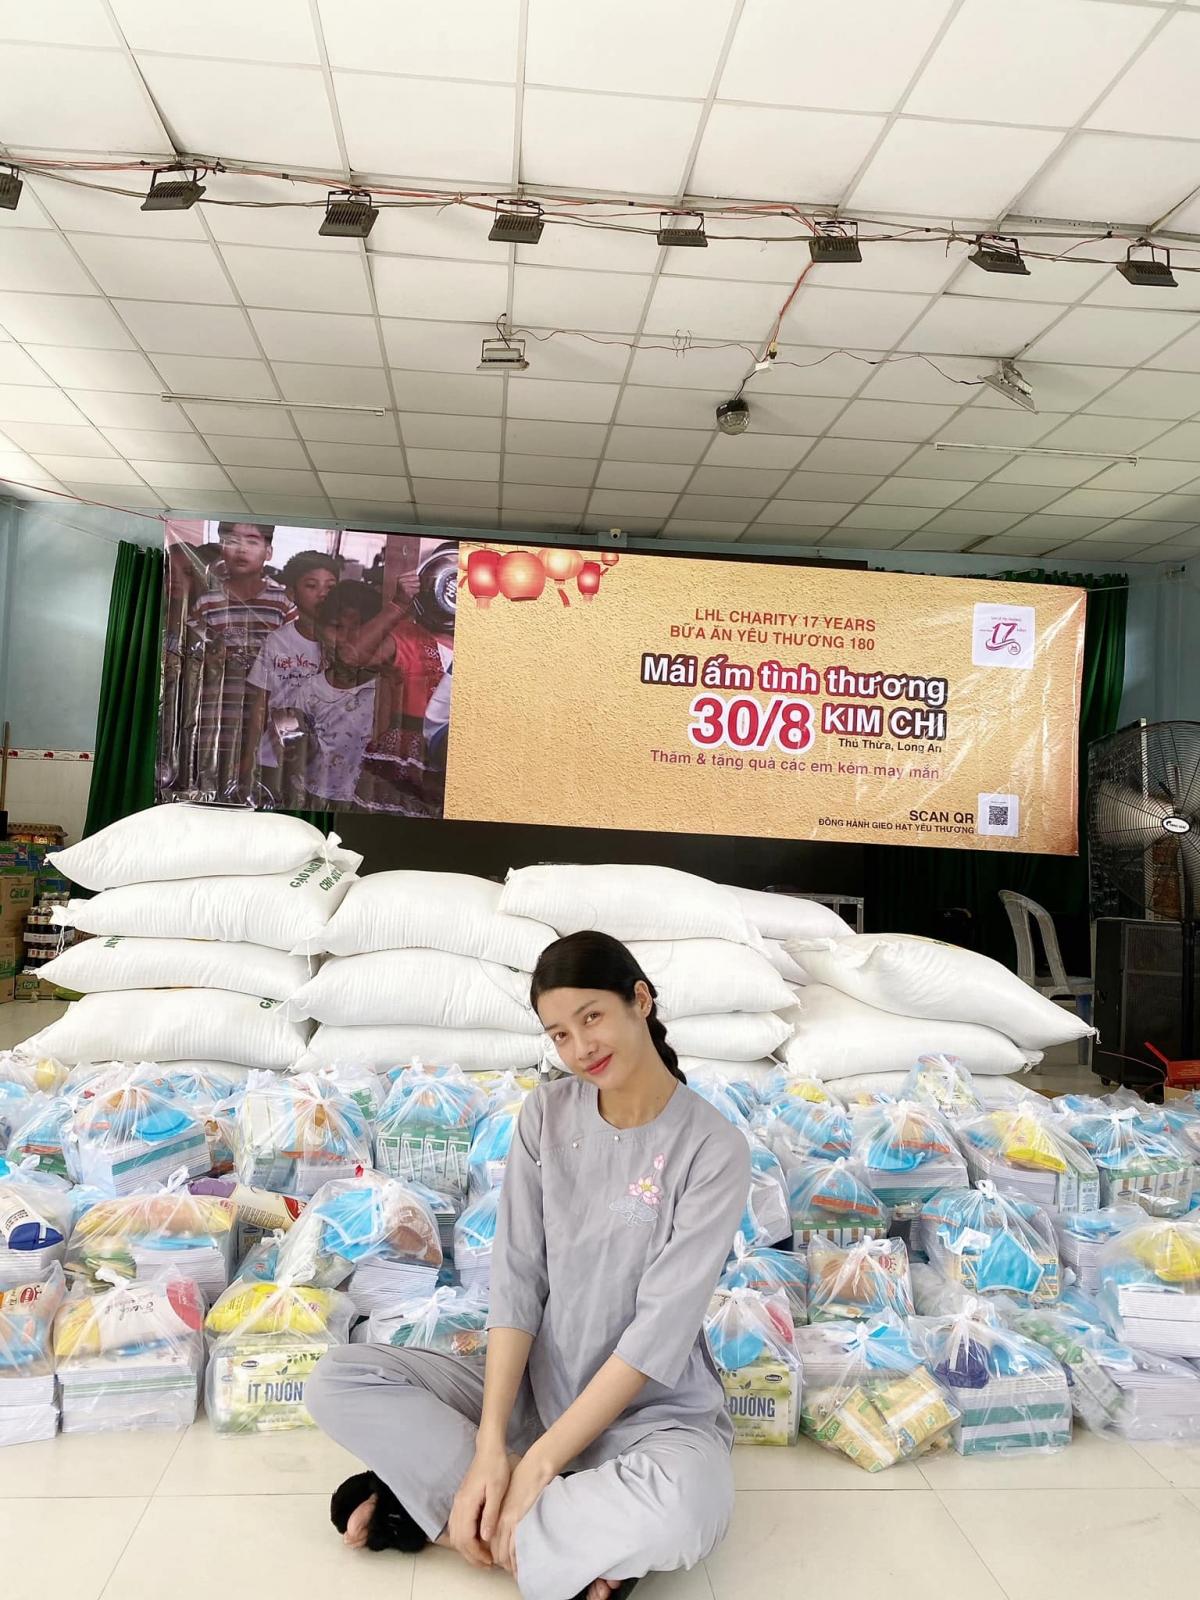 Mỹ Duyên tham gia chương trình Bữa ăn yêu thương tại Mái ấm tình thương Kim Chi (Long An).